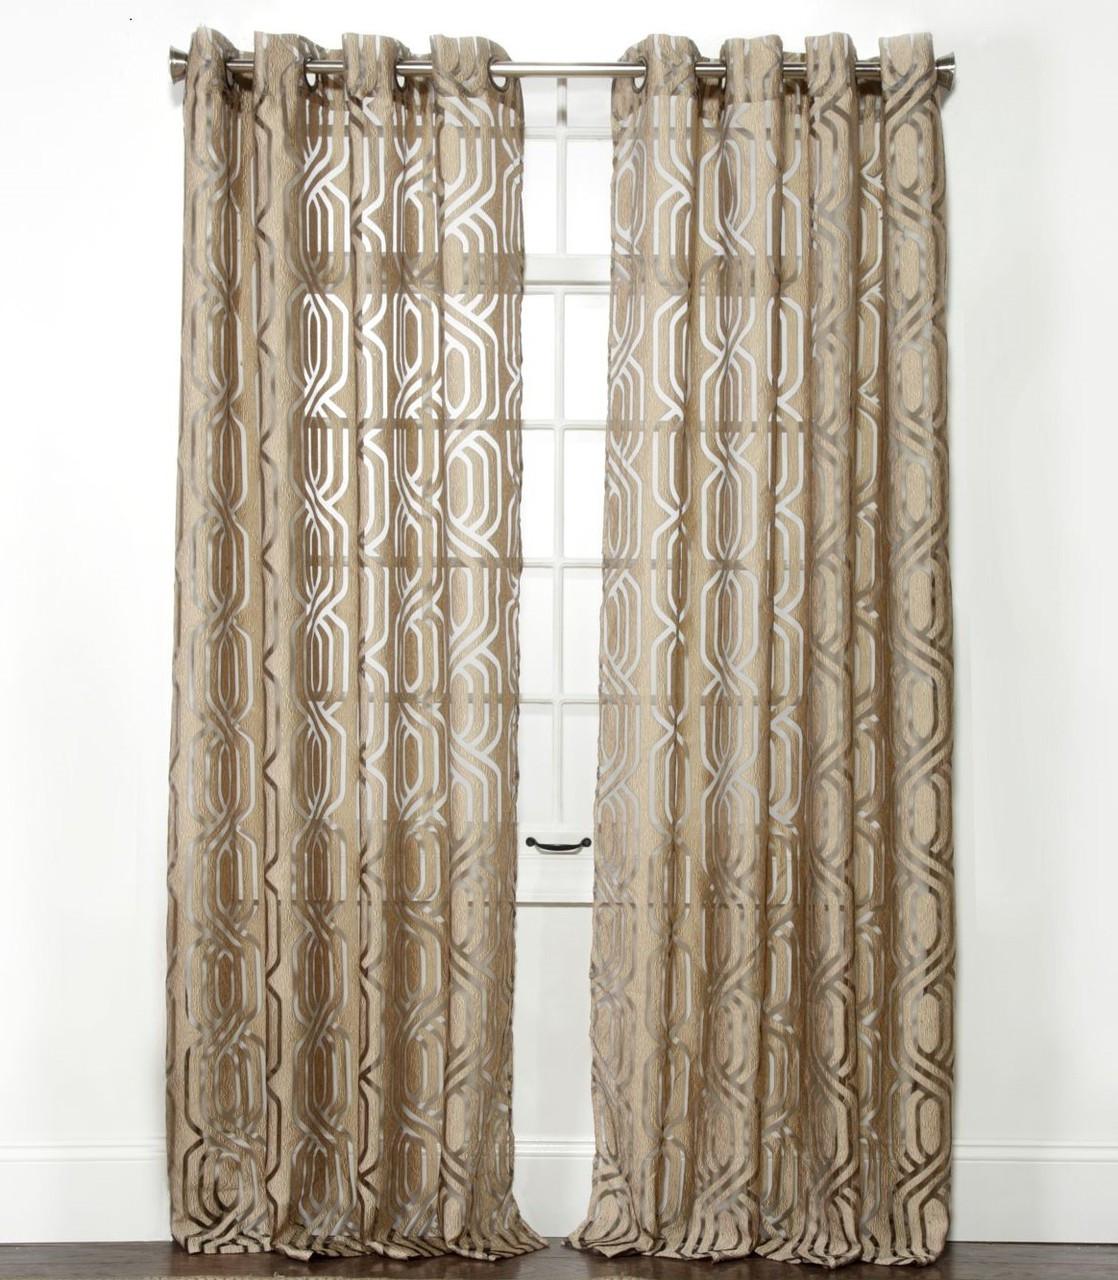 Argos Grommet Top Curtain Panel - Brass - Linens4Less.com